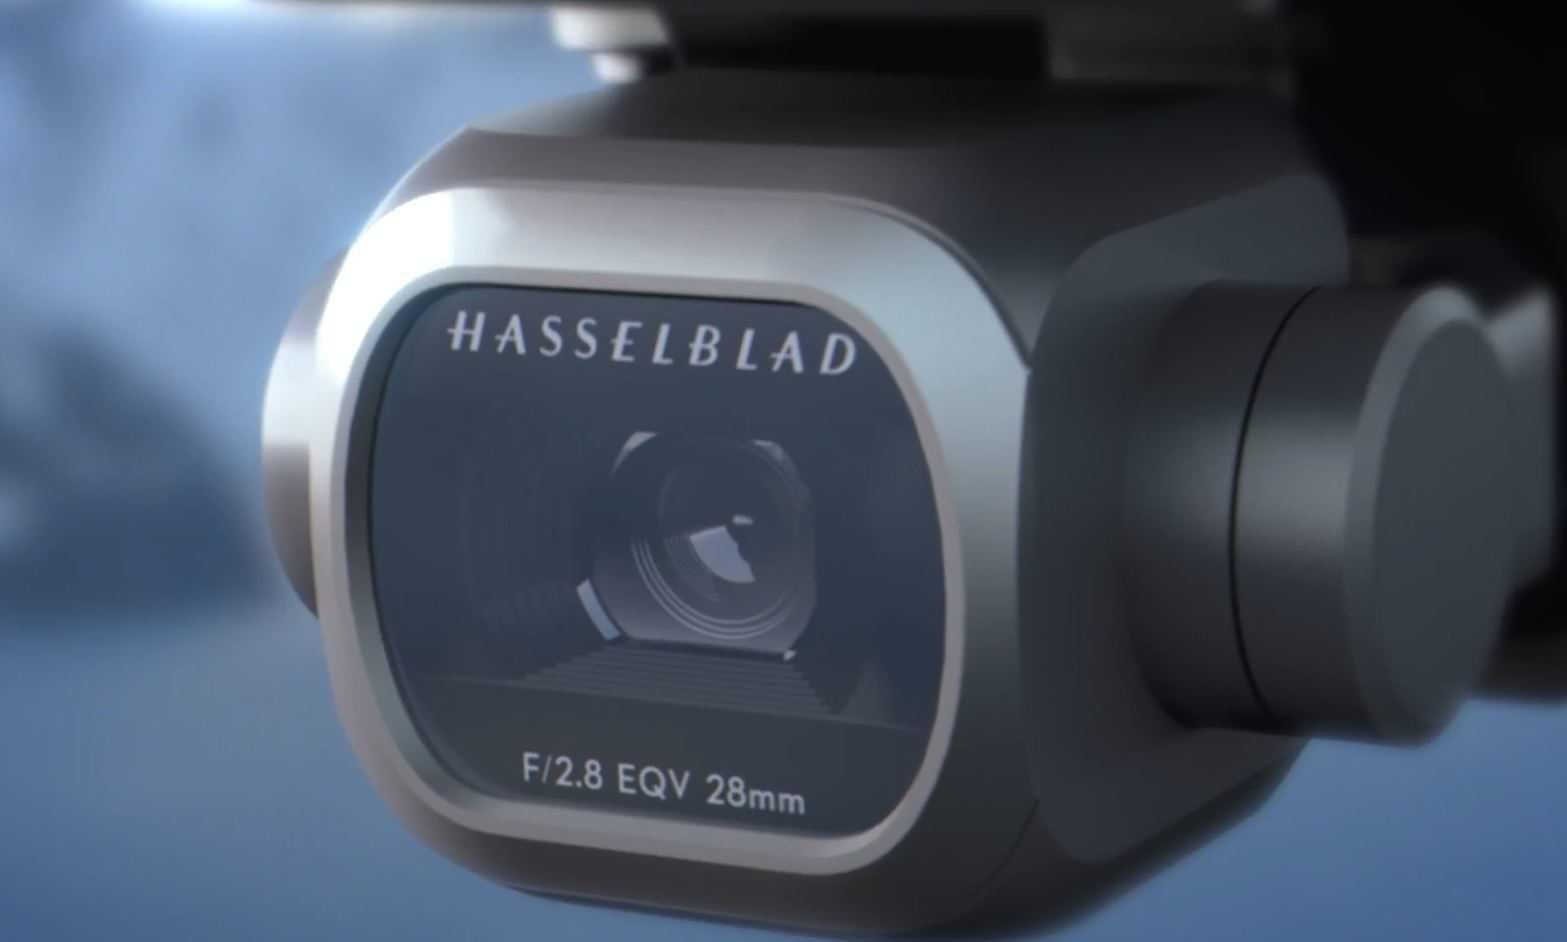 DJI stellt Falt-Quadcopter Mavic 2 Pro und 2 Zoom mit Hasselblad-Kameras vor